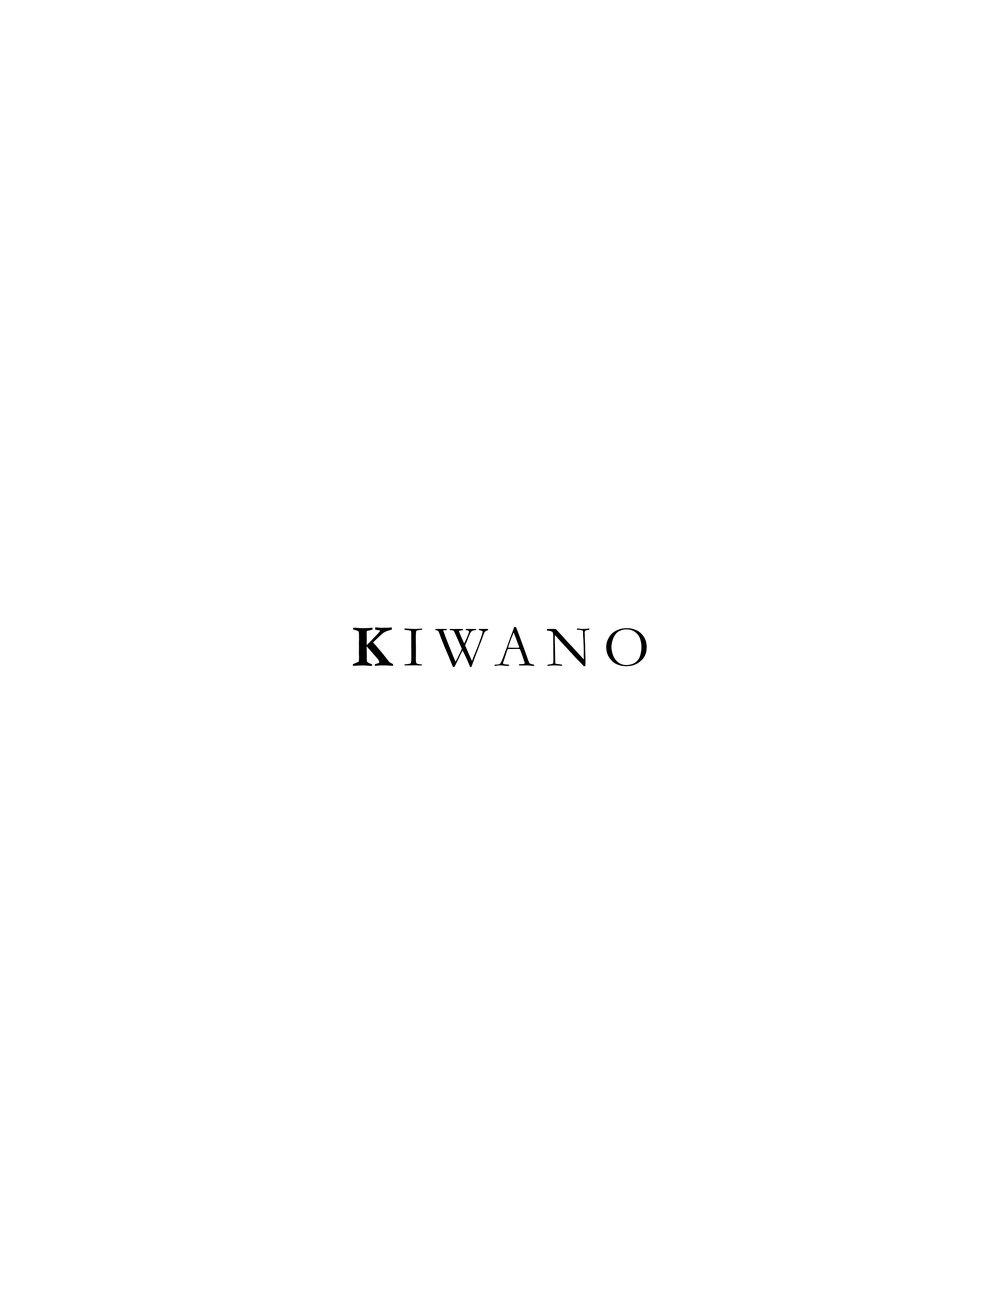 KIWANO Text.jpg